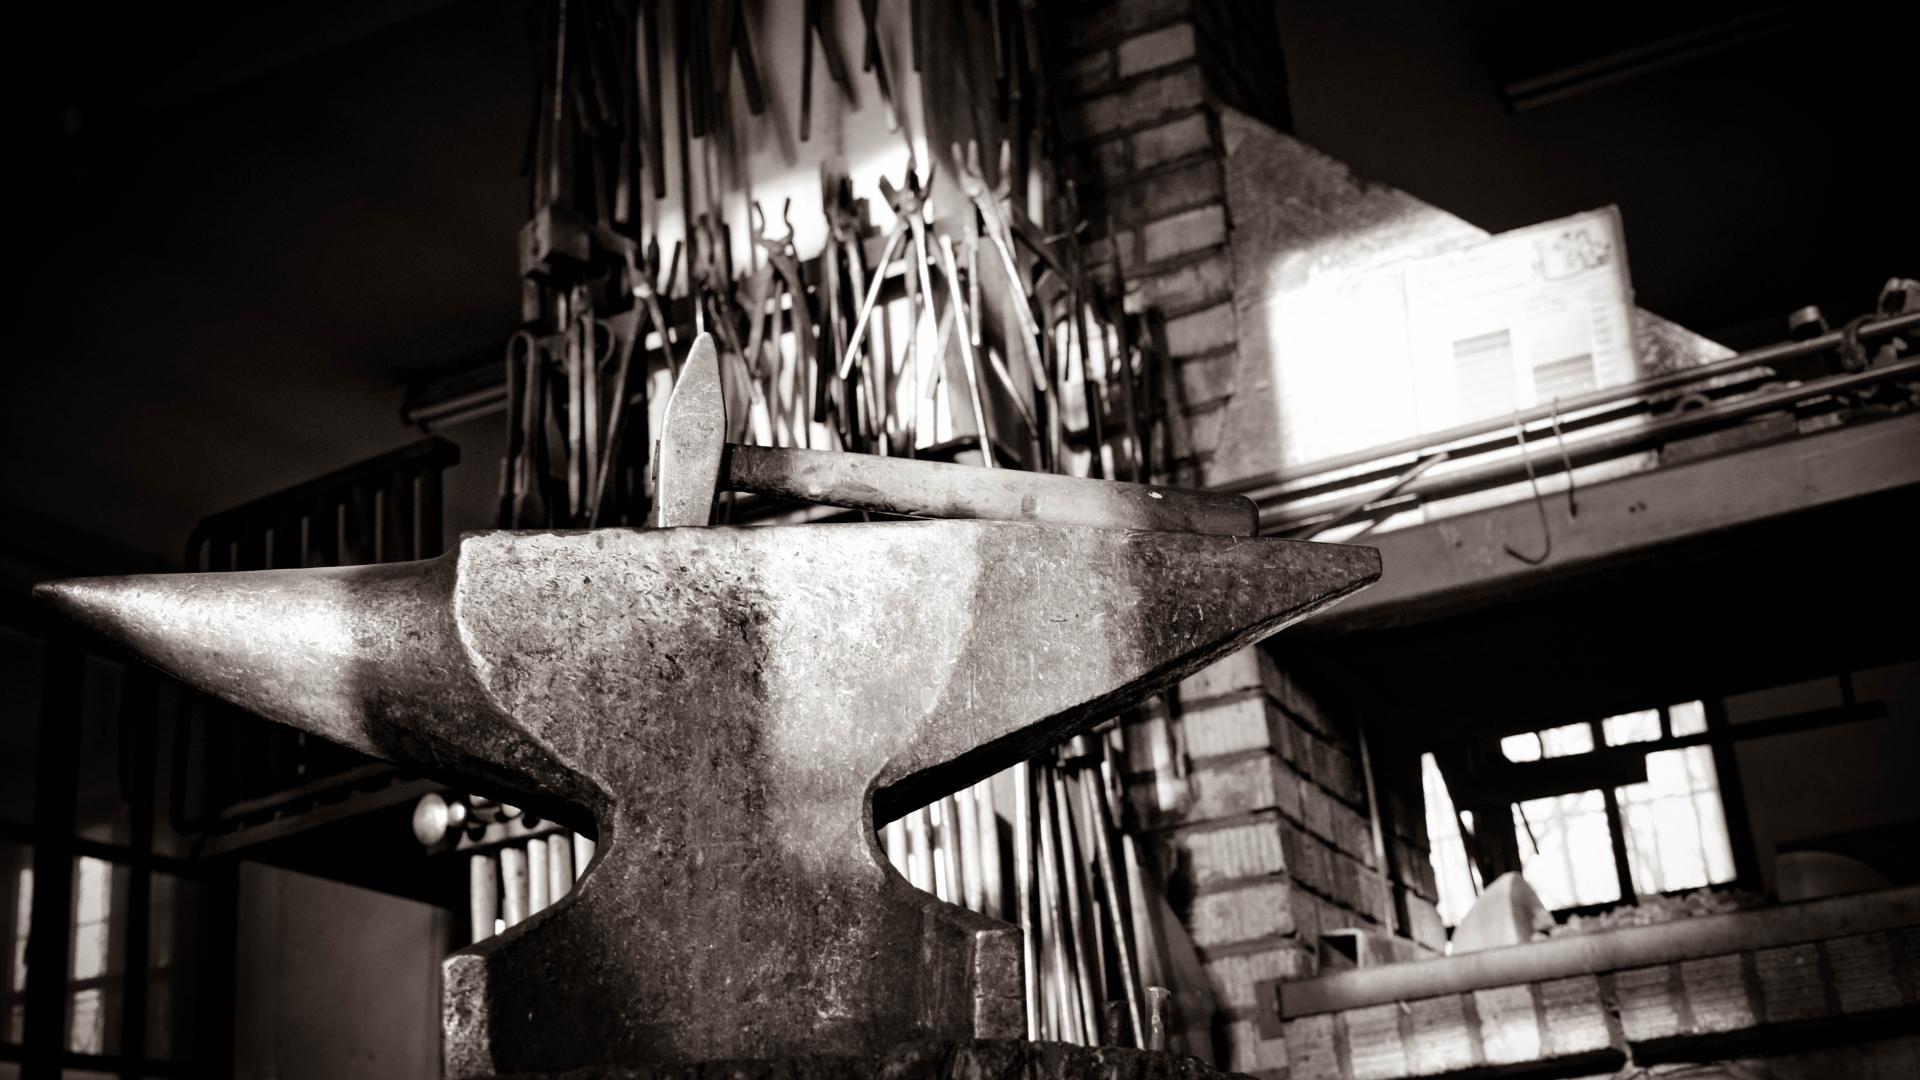 Kézműves kovácsolás, kovácsműhely Debrecen